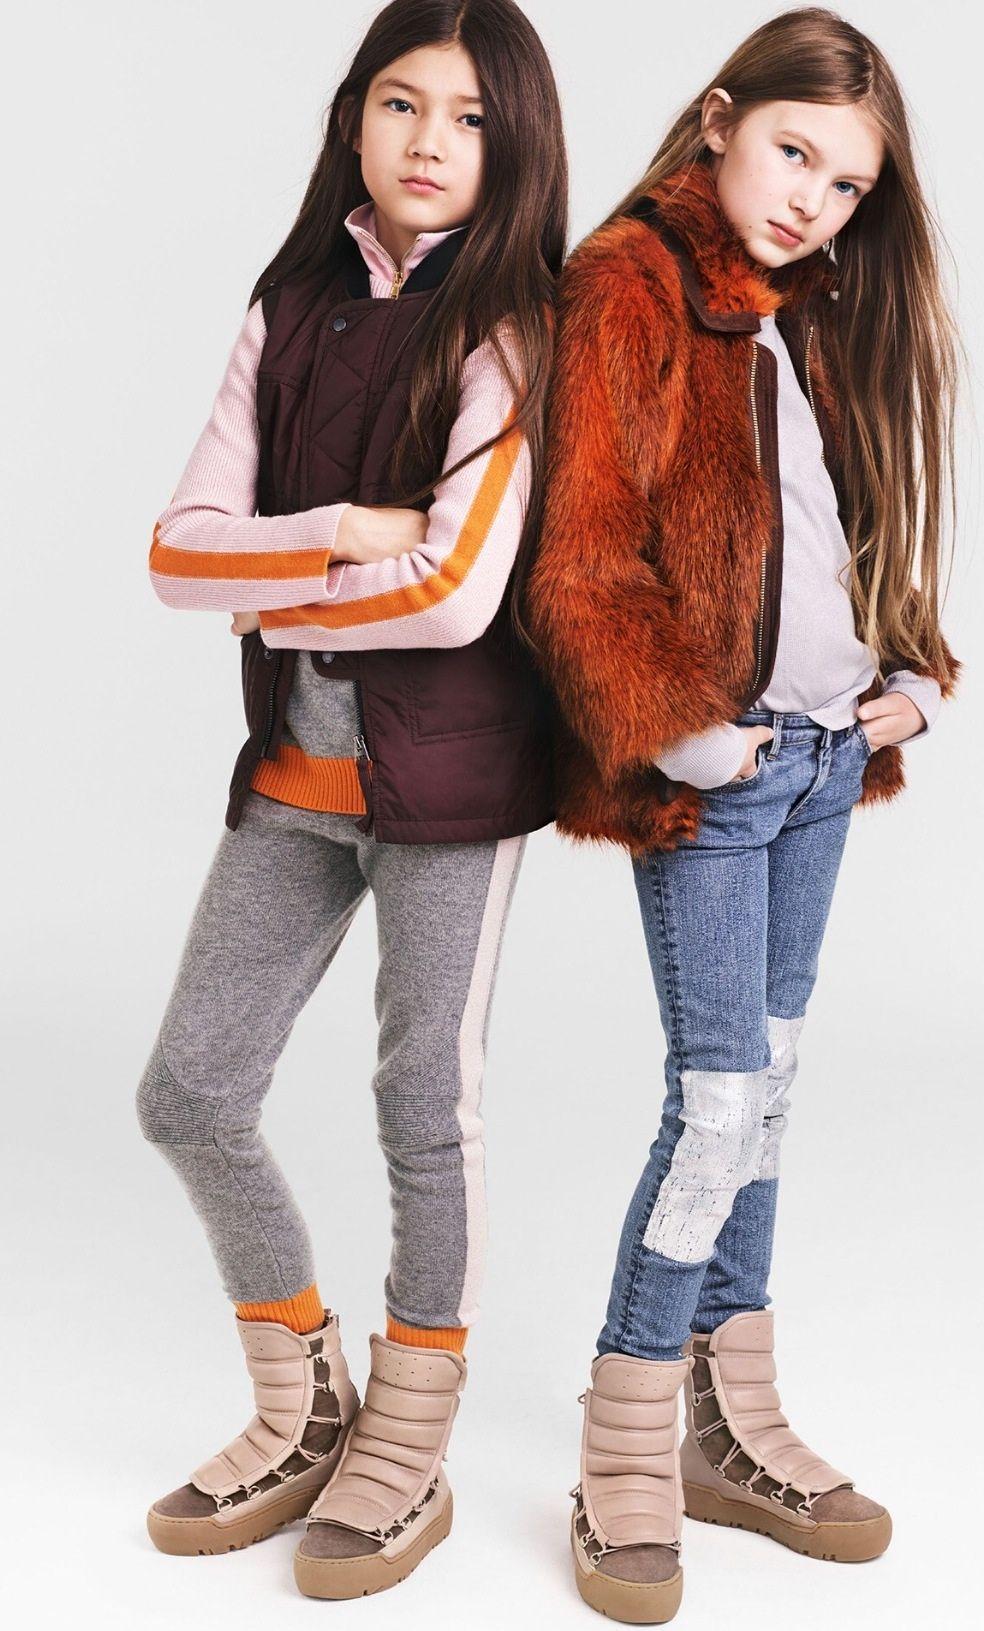 H Amp M Mini Me Kids Fashion Collection Kids Fashion Kids